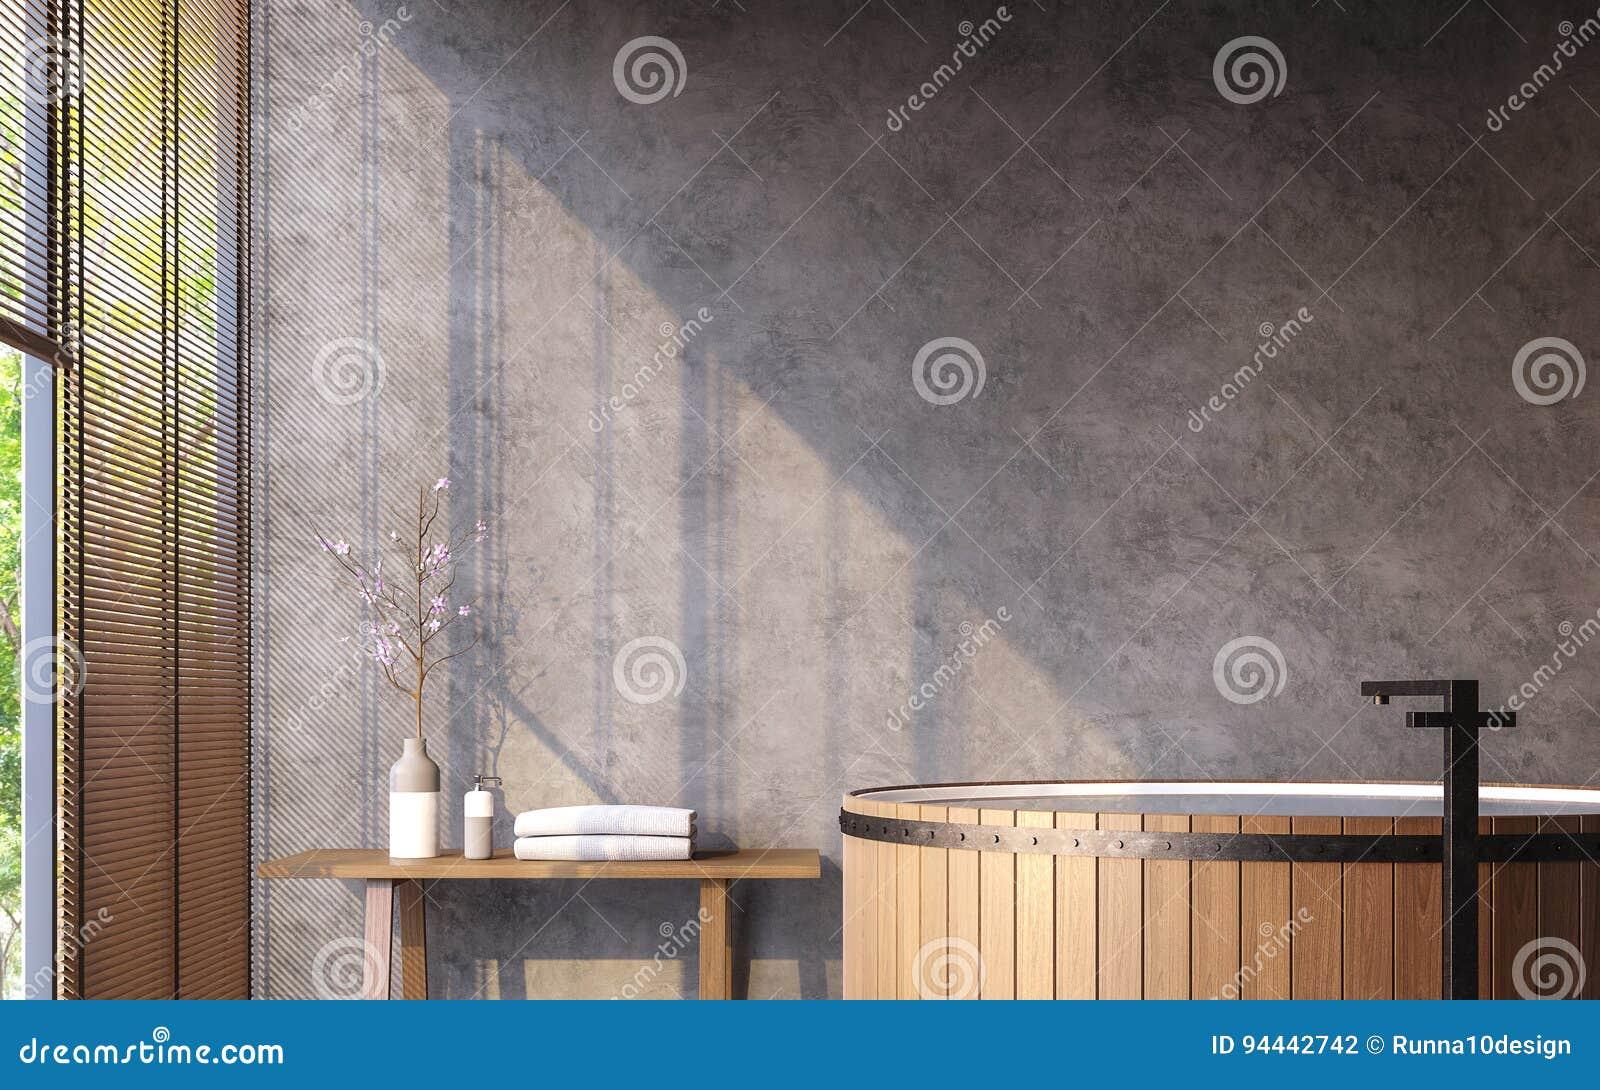 Tracez La Salle De Bains De Style Avec L Image De Rendu De La Vue 3d